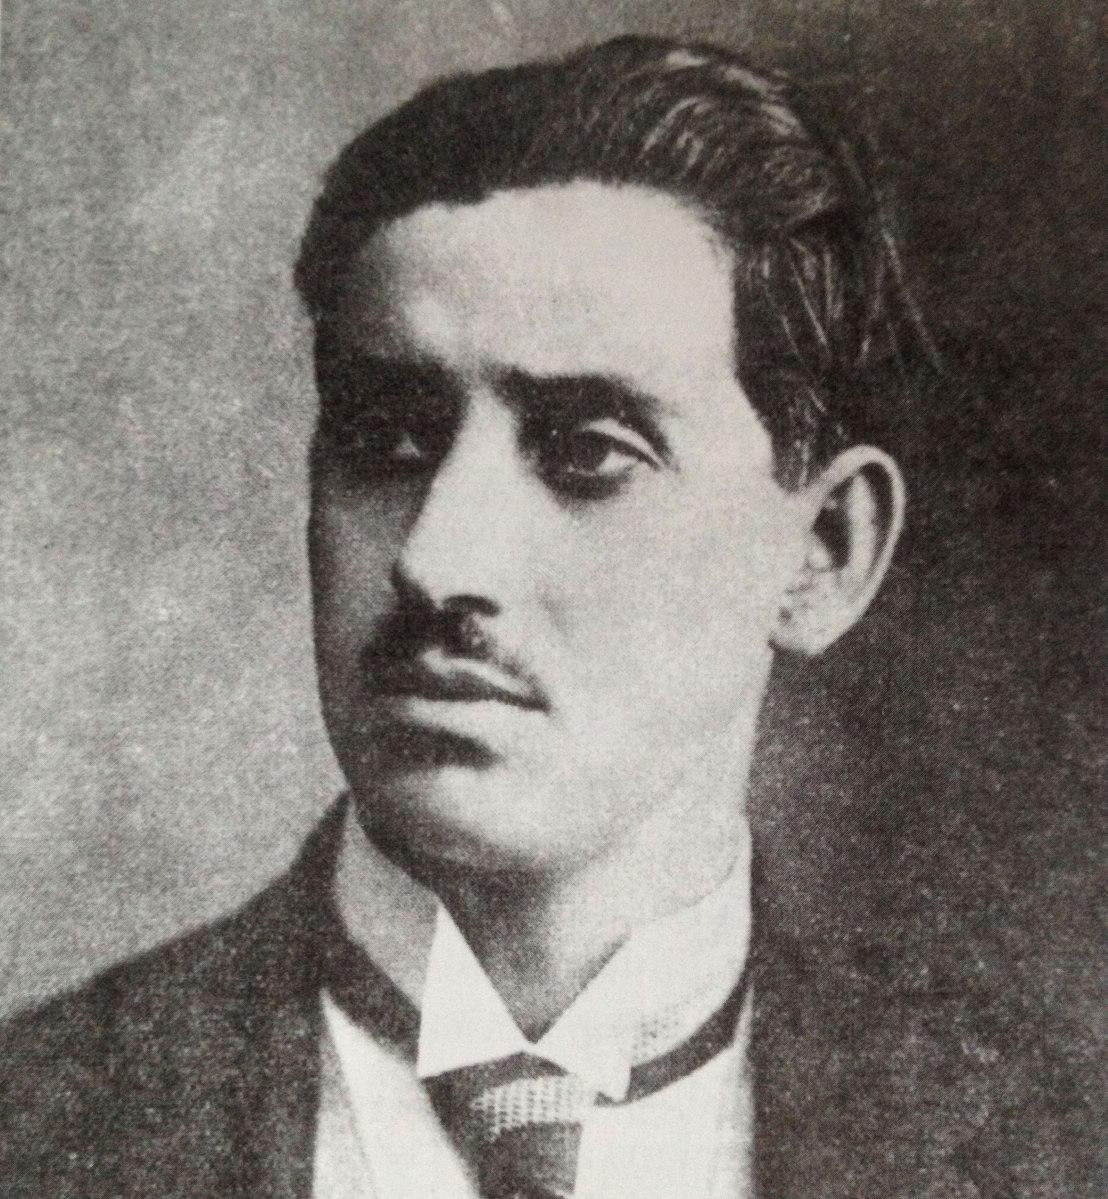 İzmir'de ilk kurşunu atan Hasan Tahsin'in son yazısı